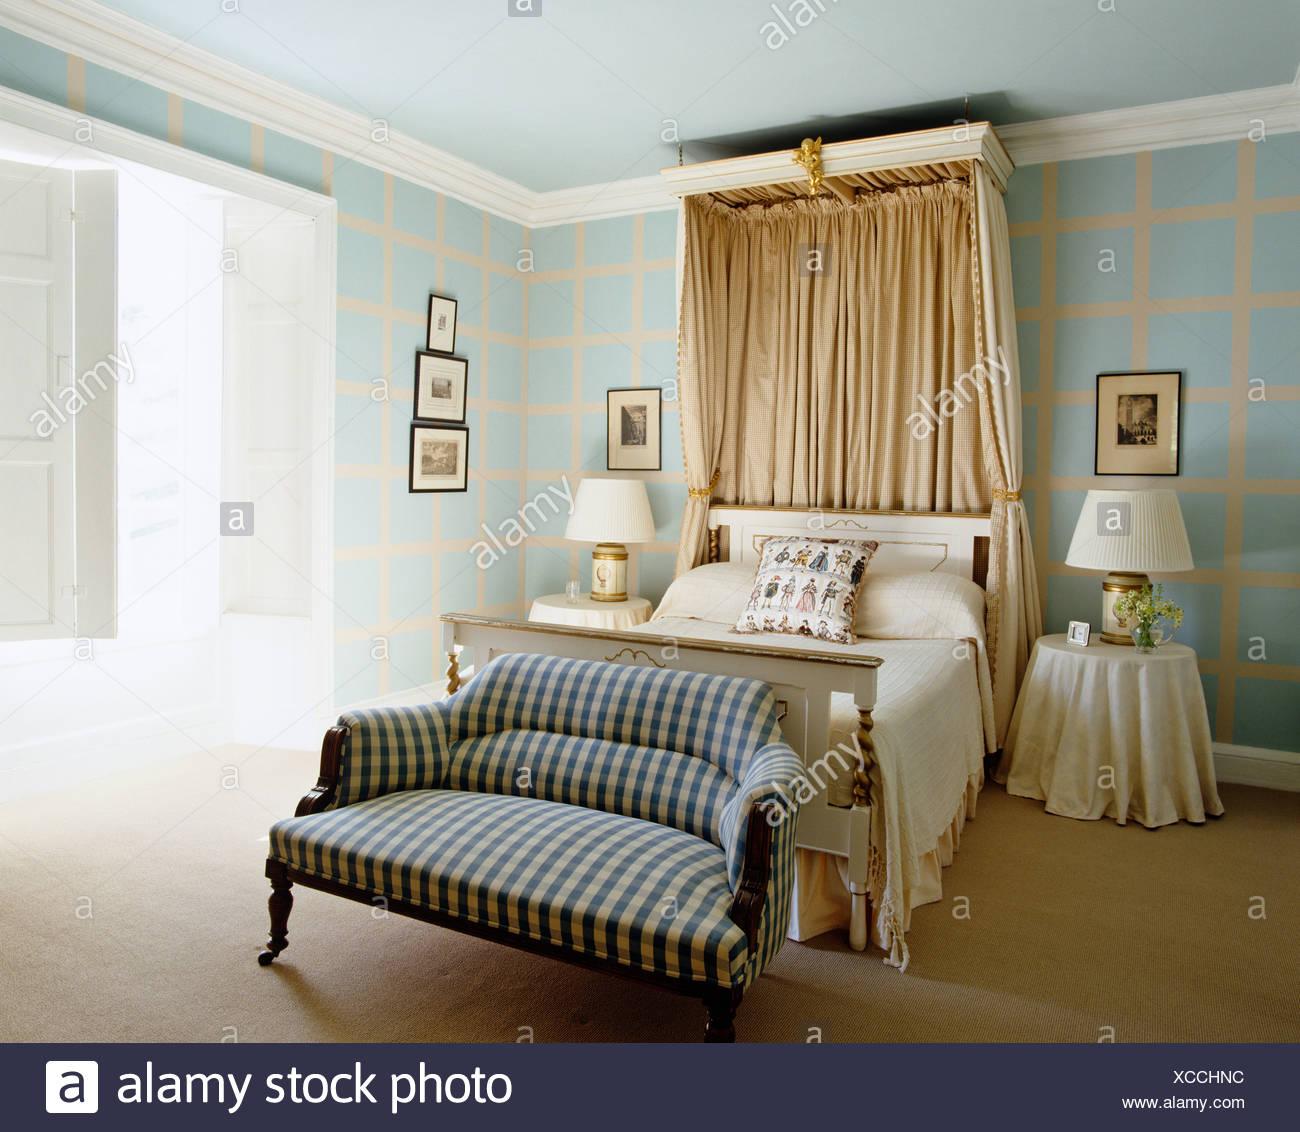 Beige Seide Vorhänge Am Baldachin über Dem Bett Im Blassen Türkis  Schlafzimmer Mit Aufgegebenen Sofa Am Fuße Des Bettes